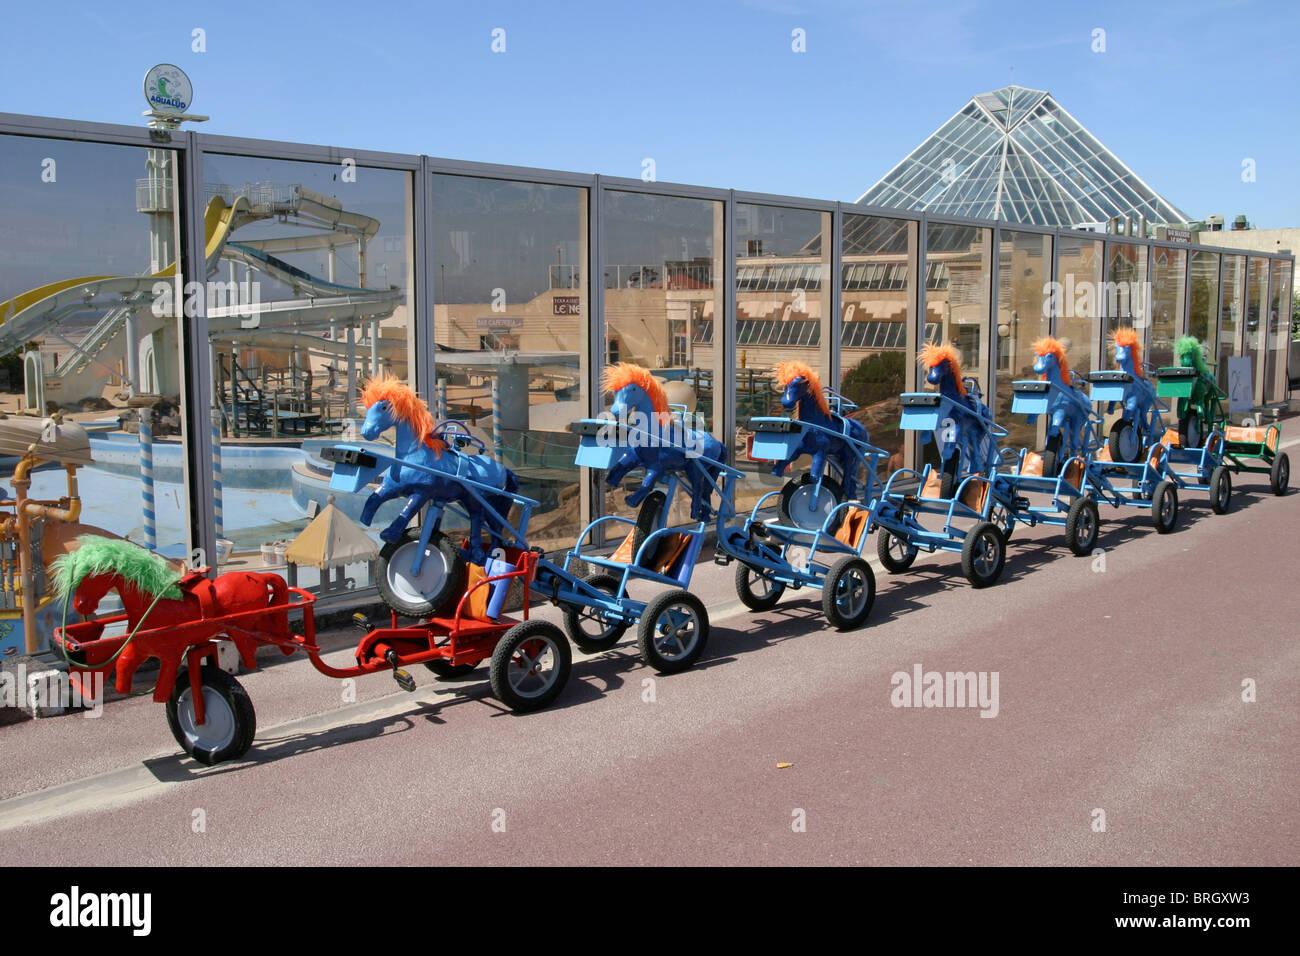 Divertissement de bord de voitures carts Photo Stock